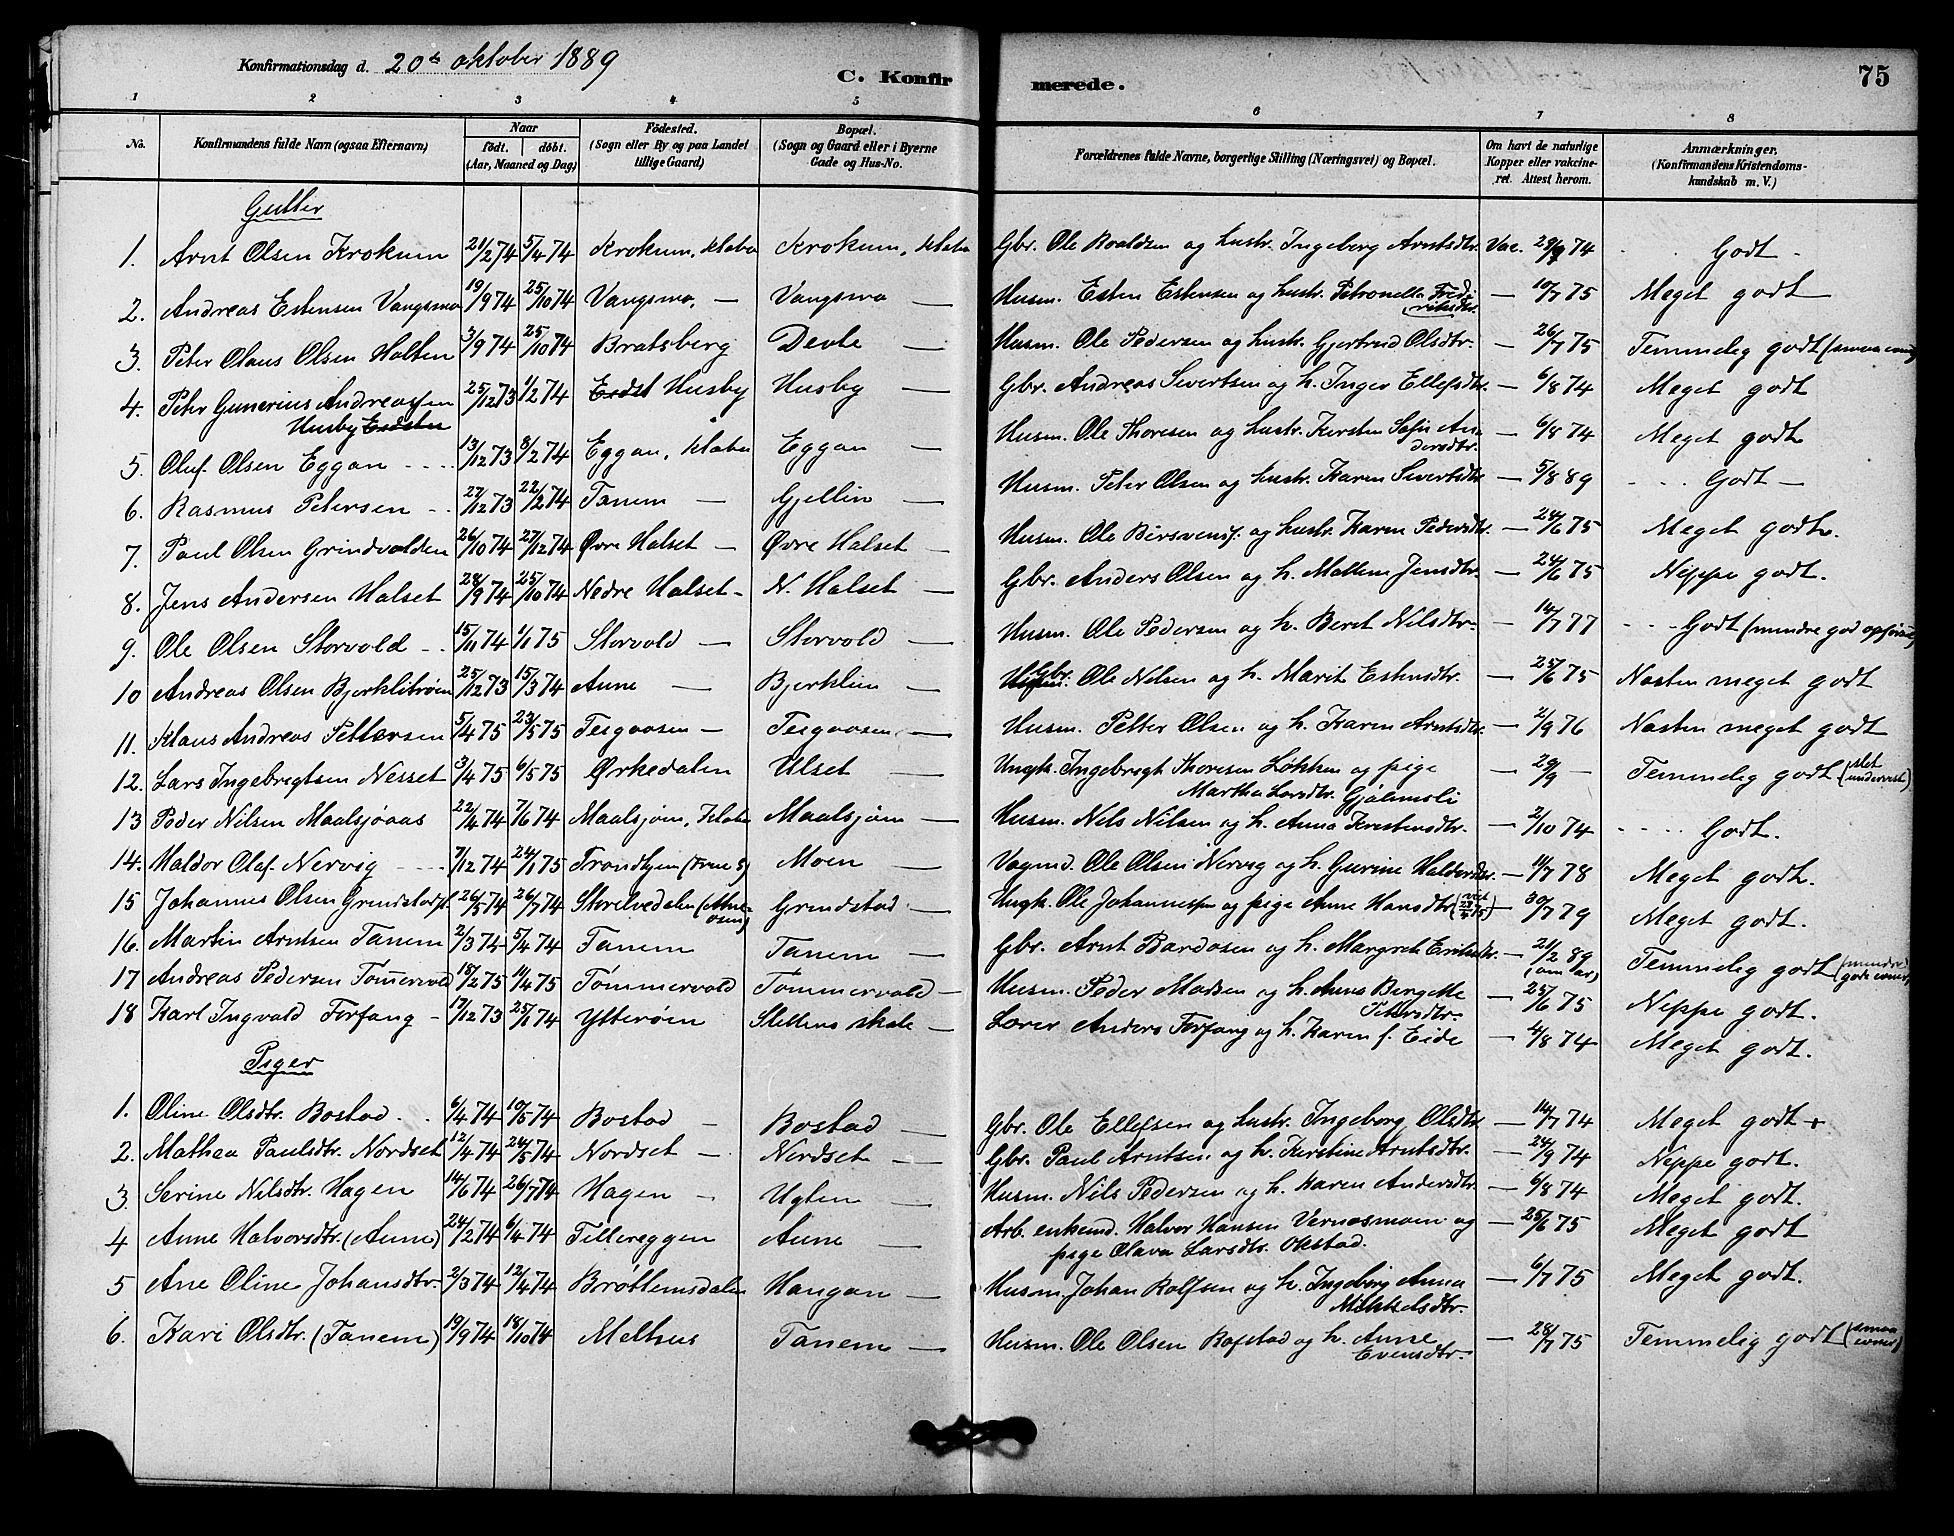 SAT, Ministerialprotokoller, klokkerbøker og fødselsregistre - Sør-Trøndelag, 618/L0444: Ministerialbok nr. 618A07, 1880-1898, s. 75